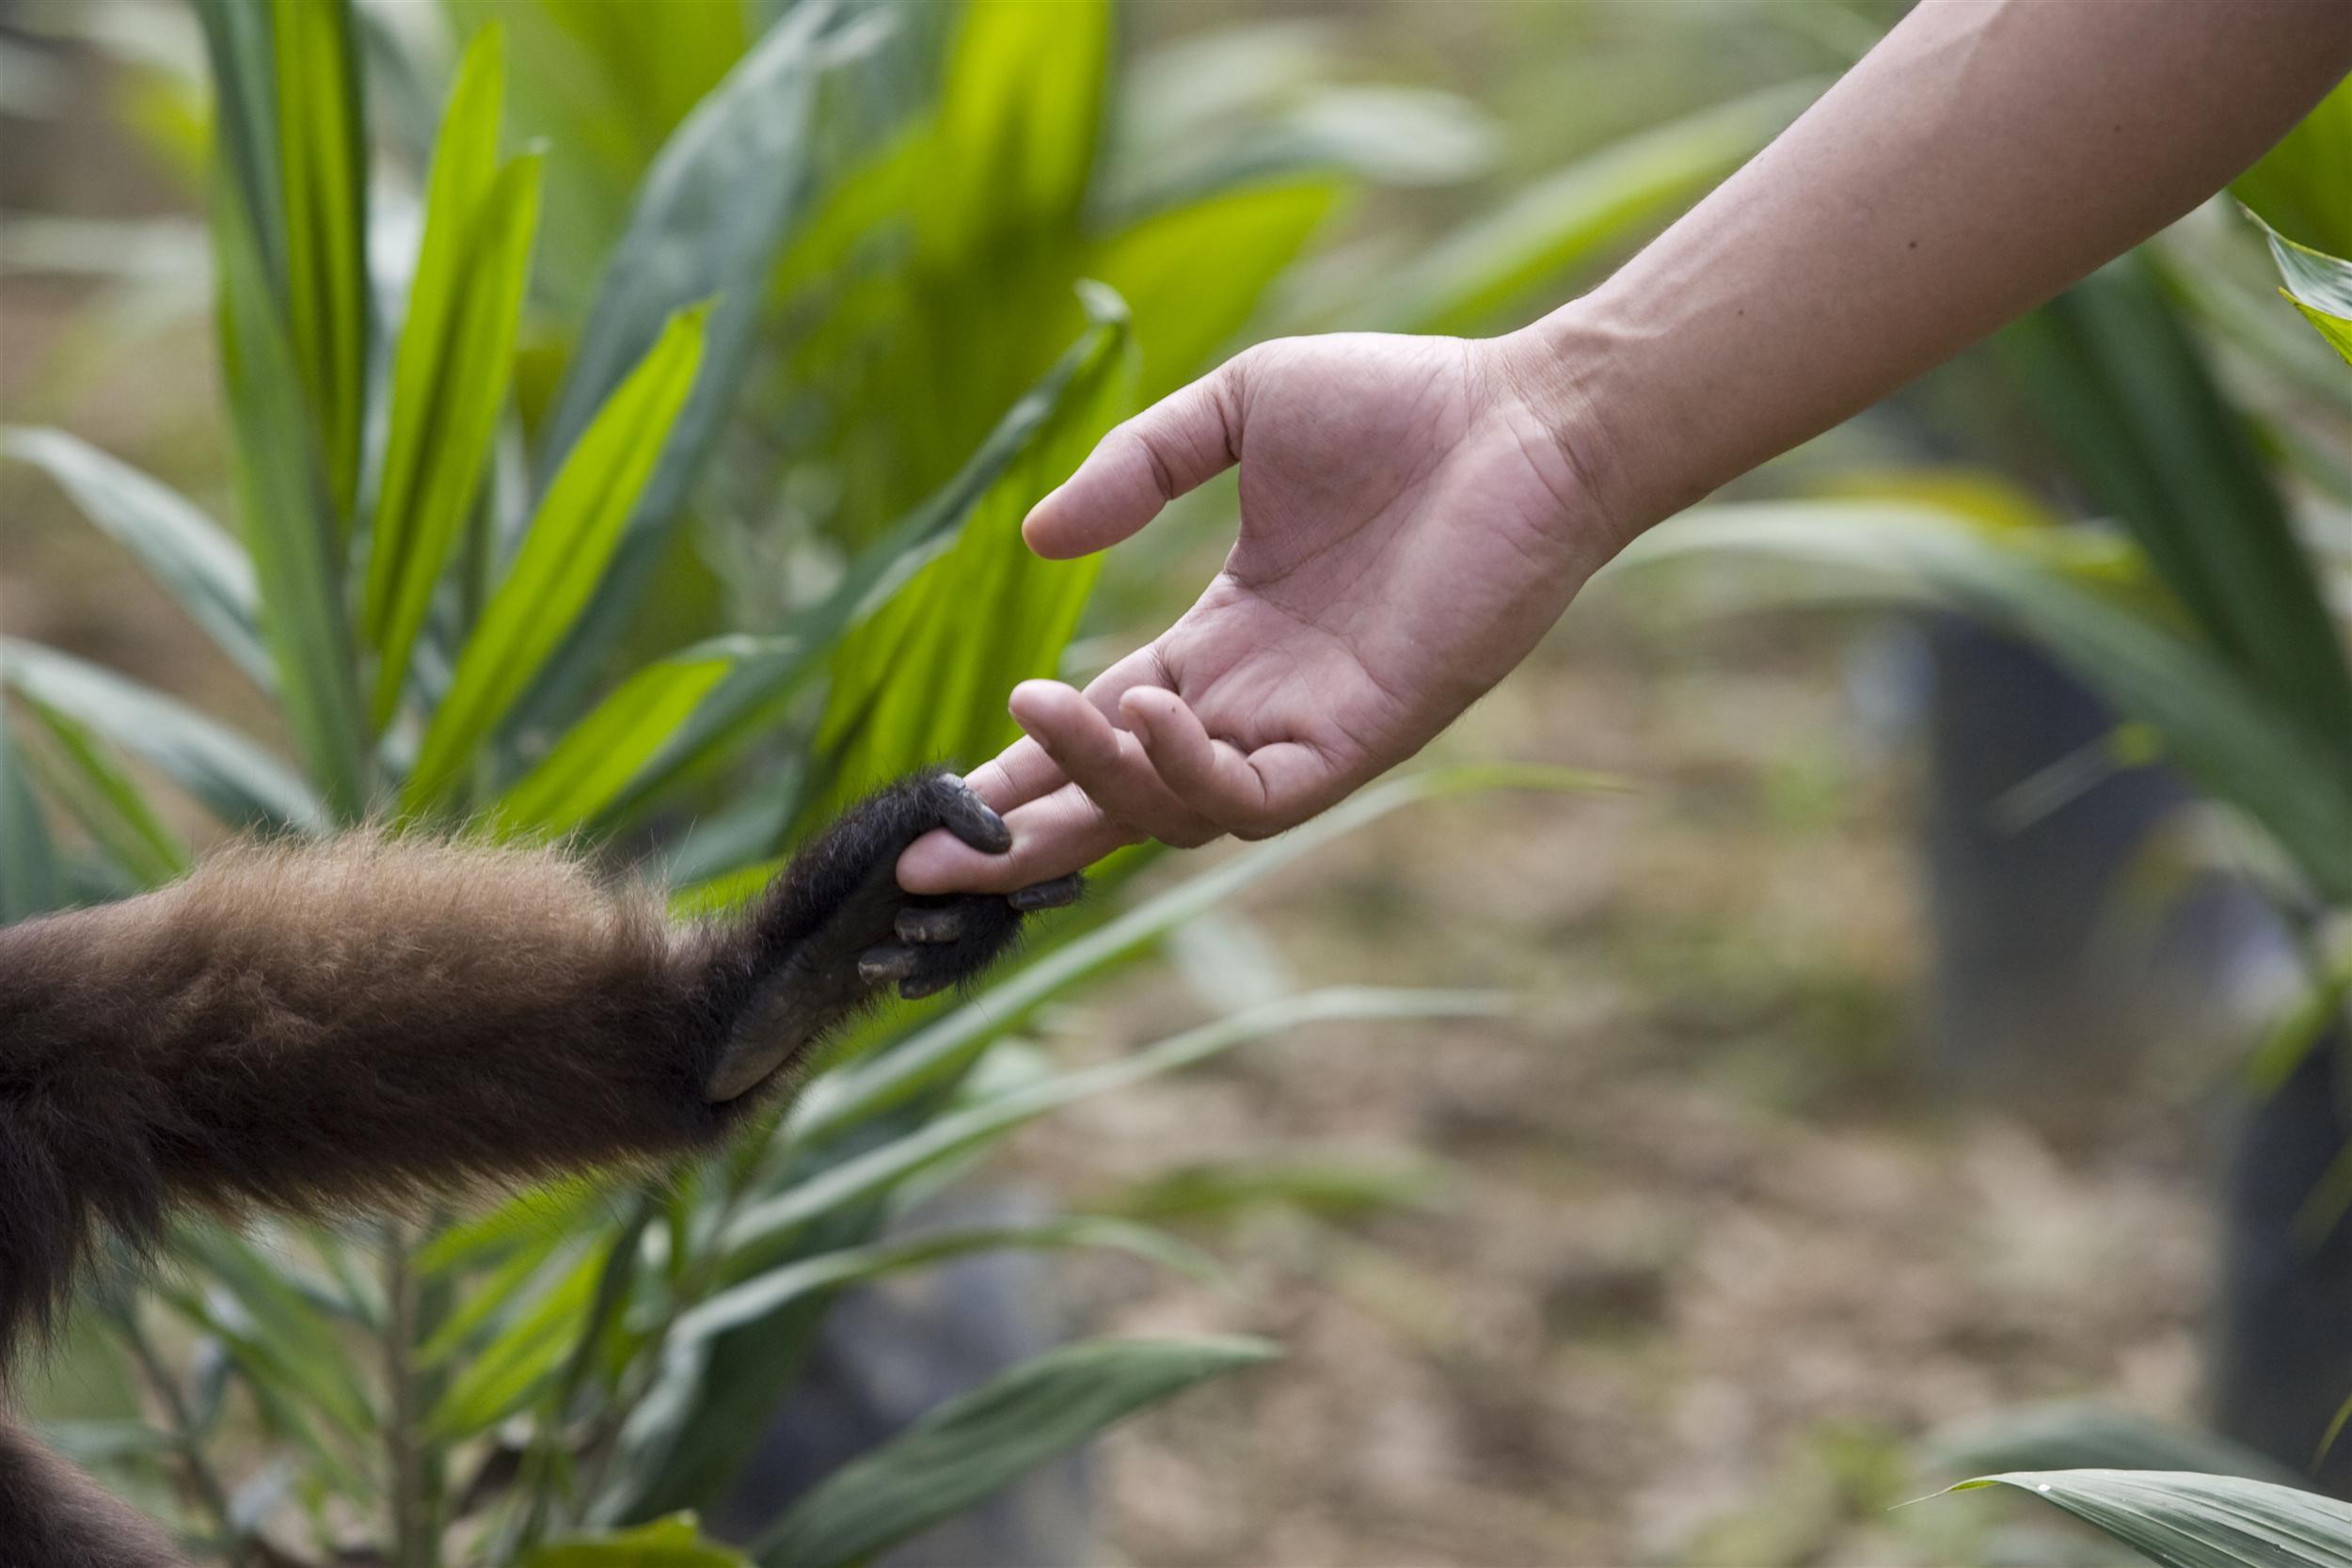 印尼婆羅洲中部的葉猴(Trachypithecus)握著當地村民的手。© Greenpeace / Ardiles Rante